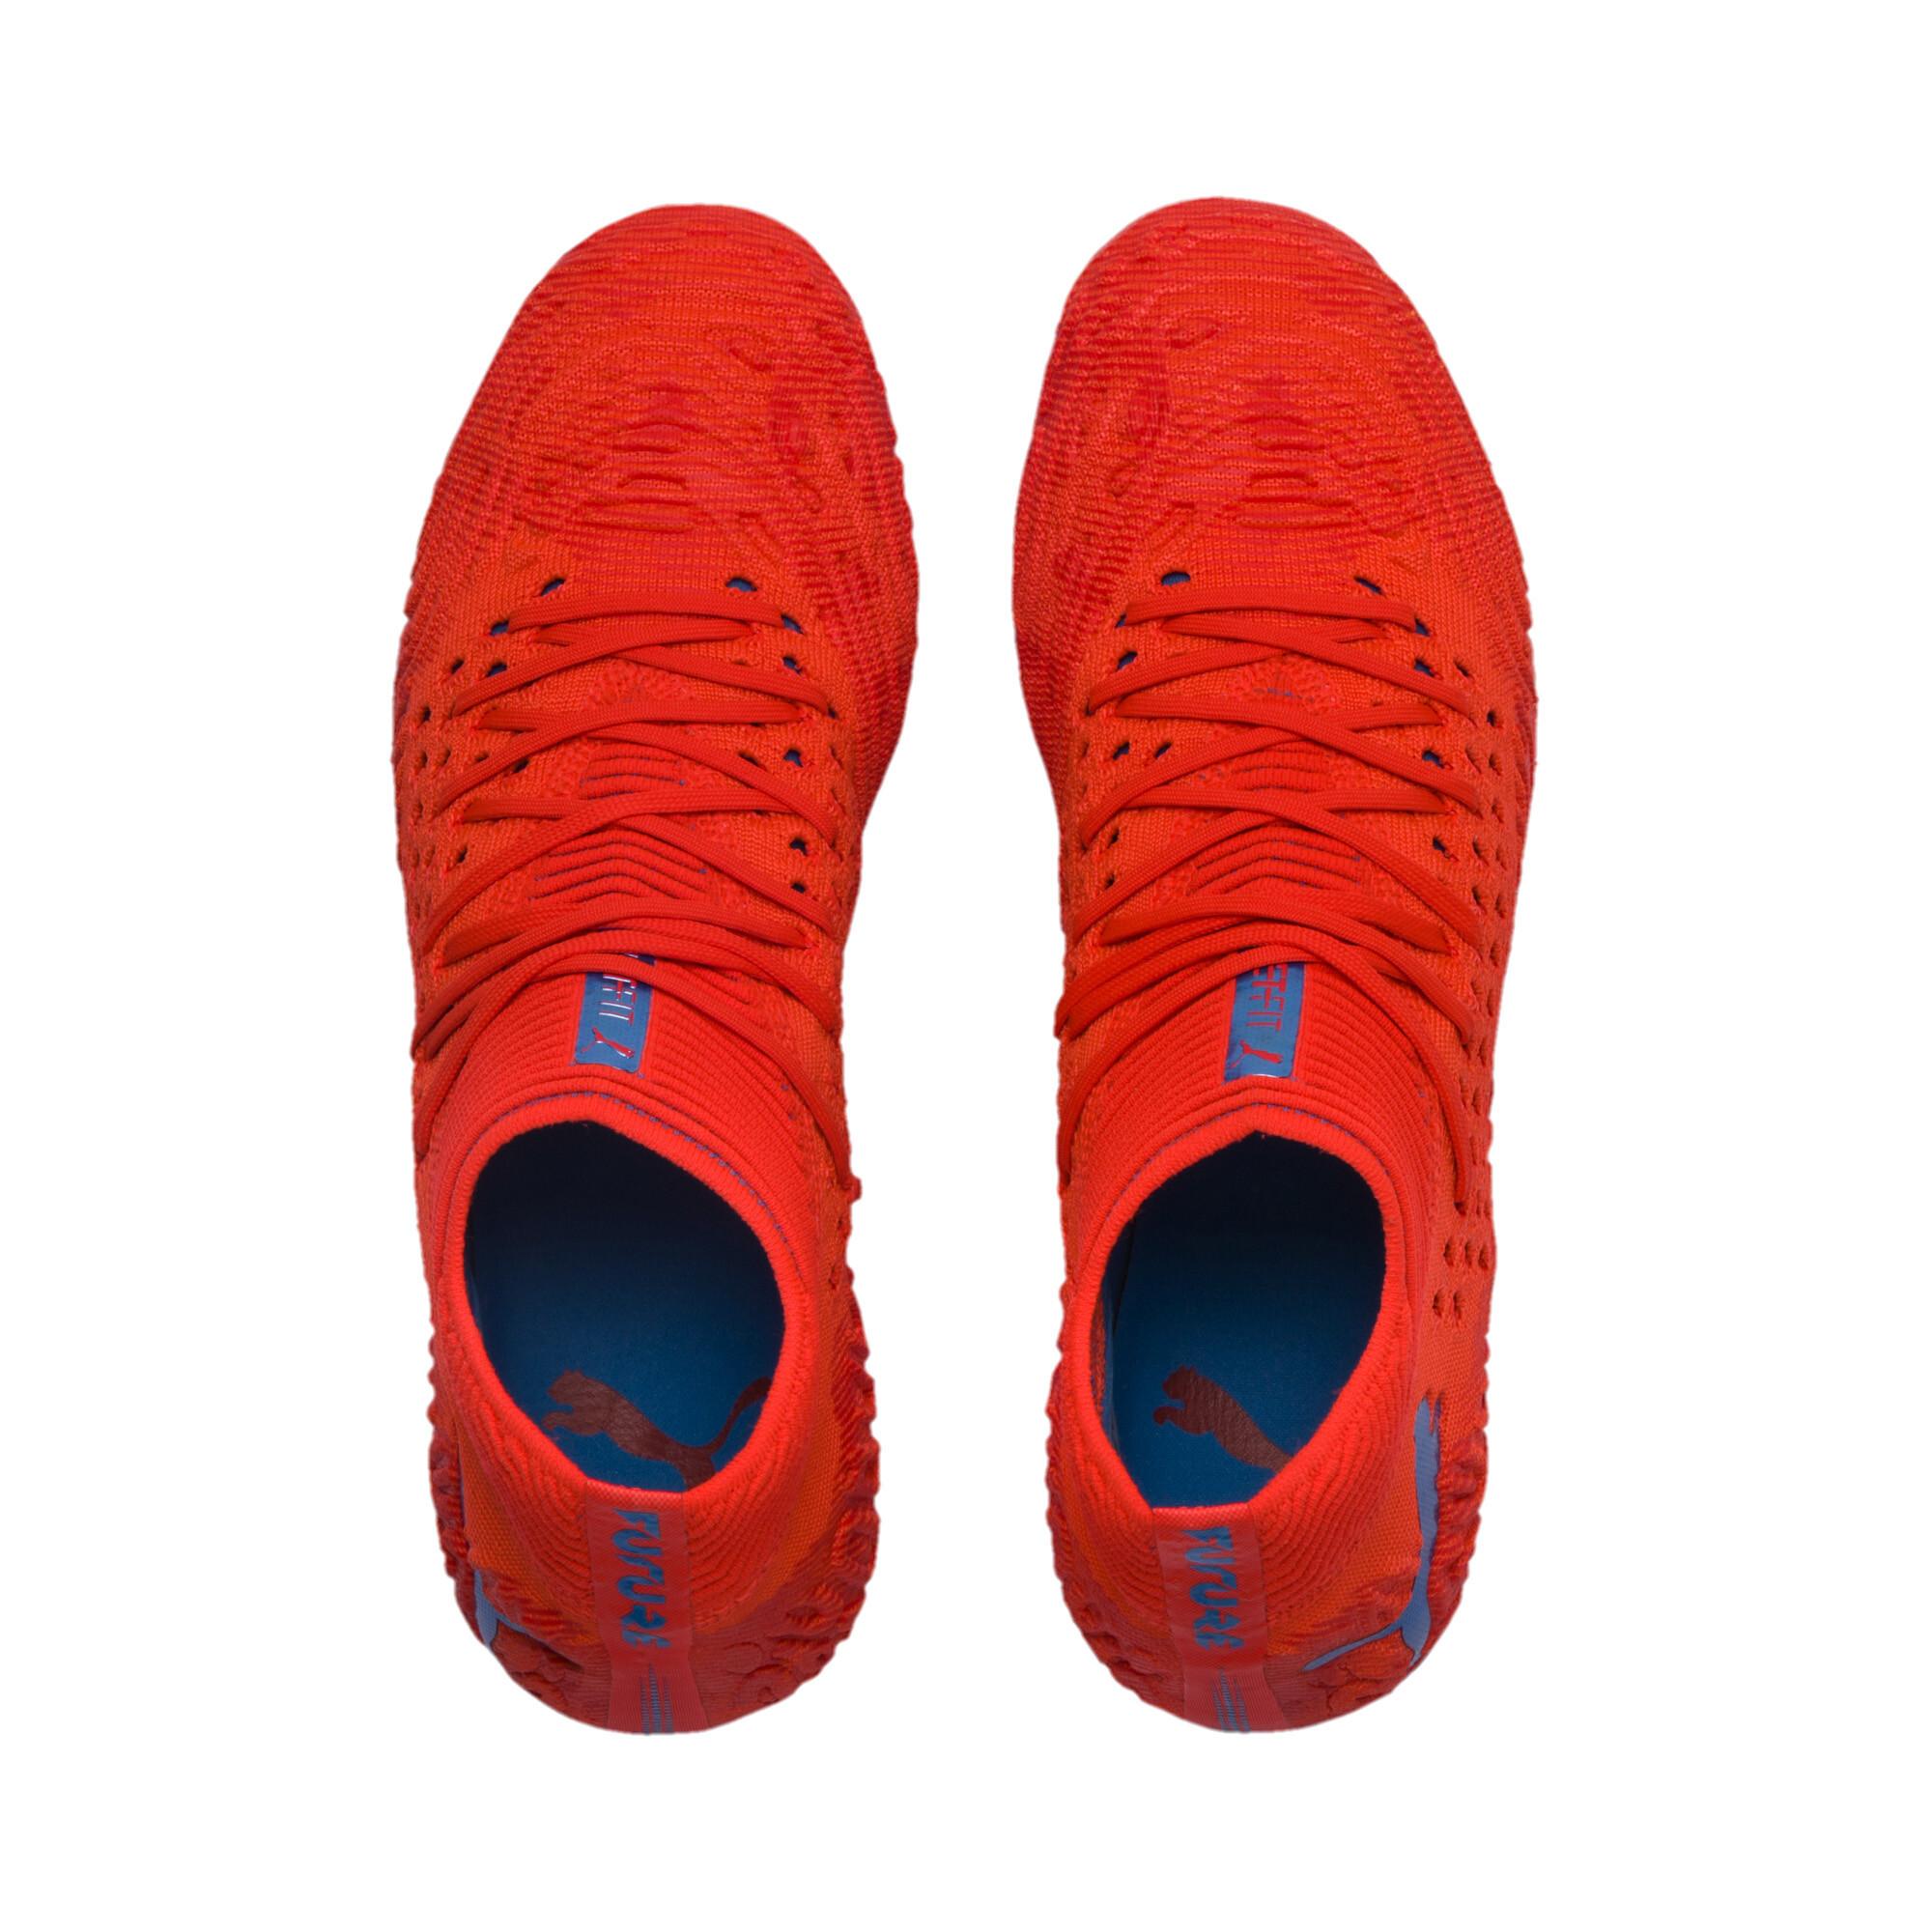 bbfa4bb8e Zapatos de fútbol FUTURE 19.1 NETFIT FG AG para hombre